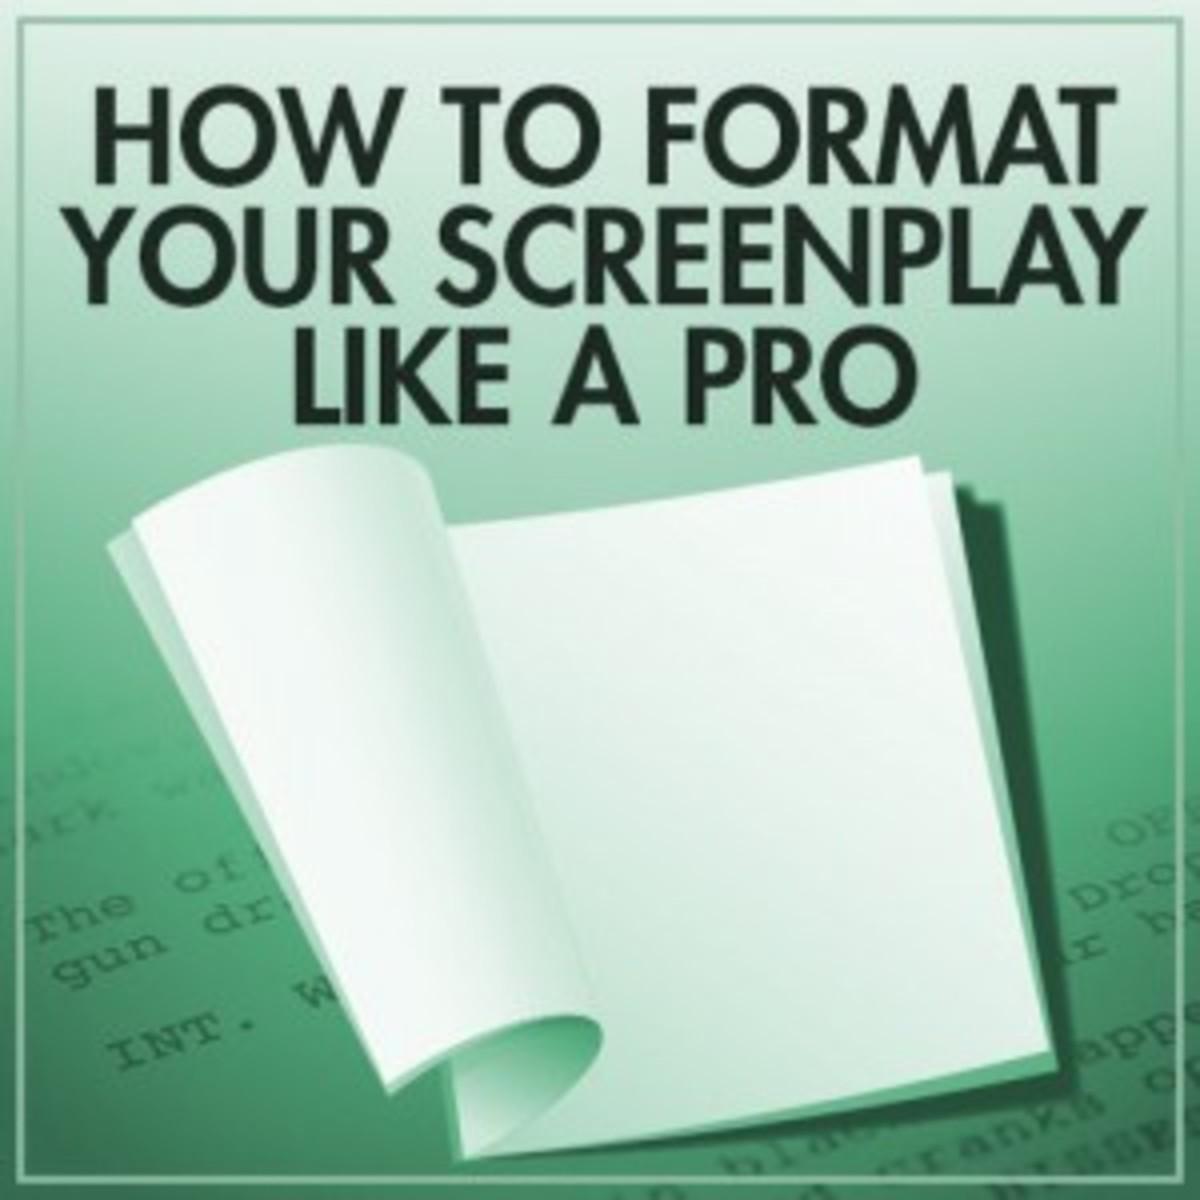 ws_formatscreenplay-500.jpg_medium